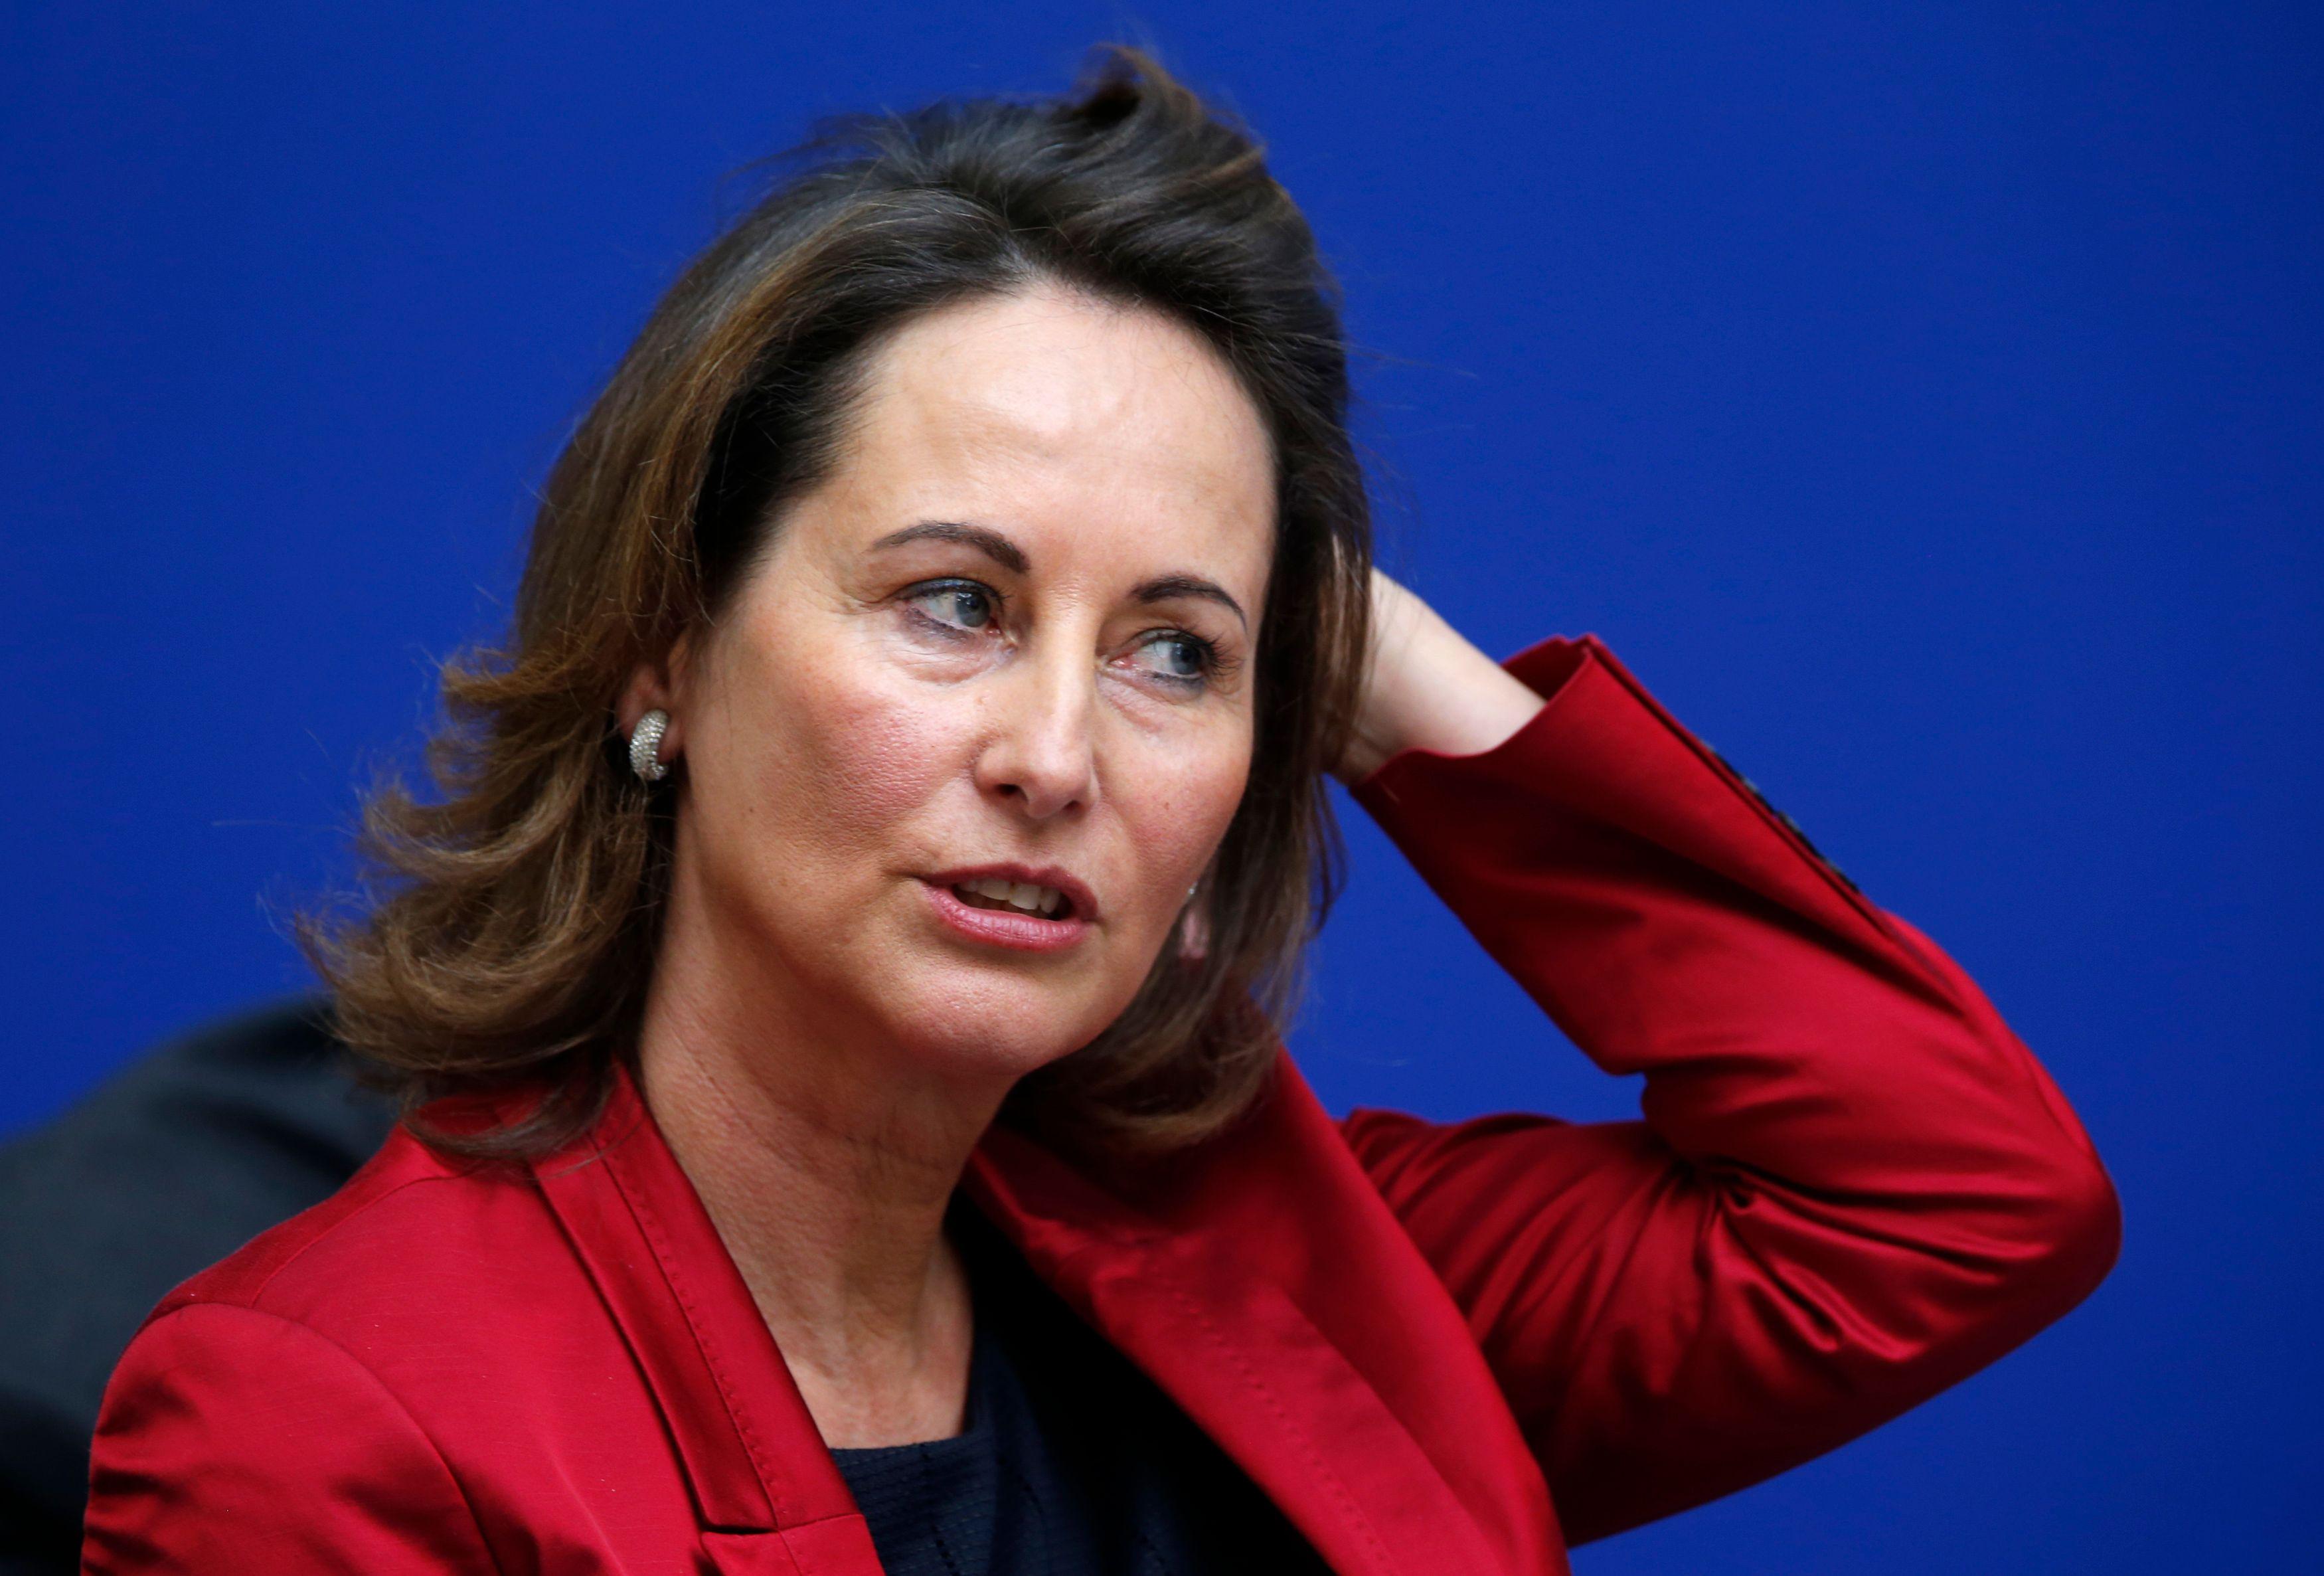 Claude Bartolone a écrit au Premier ministre Manuel Valls pour proposer la gratuité du RER B et C pendant les 11 jours de la Conférence climat.